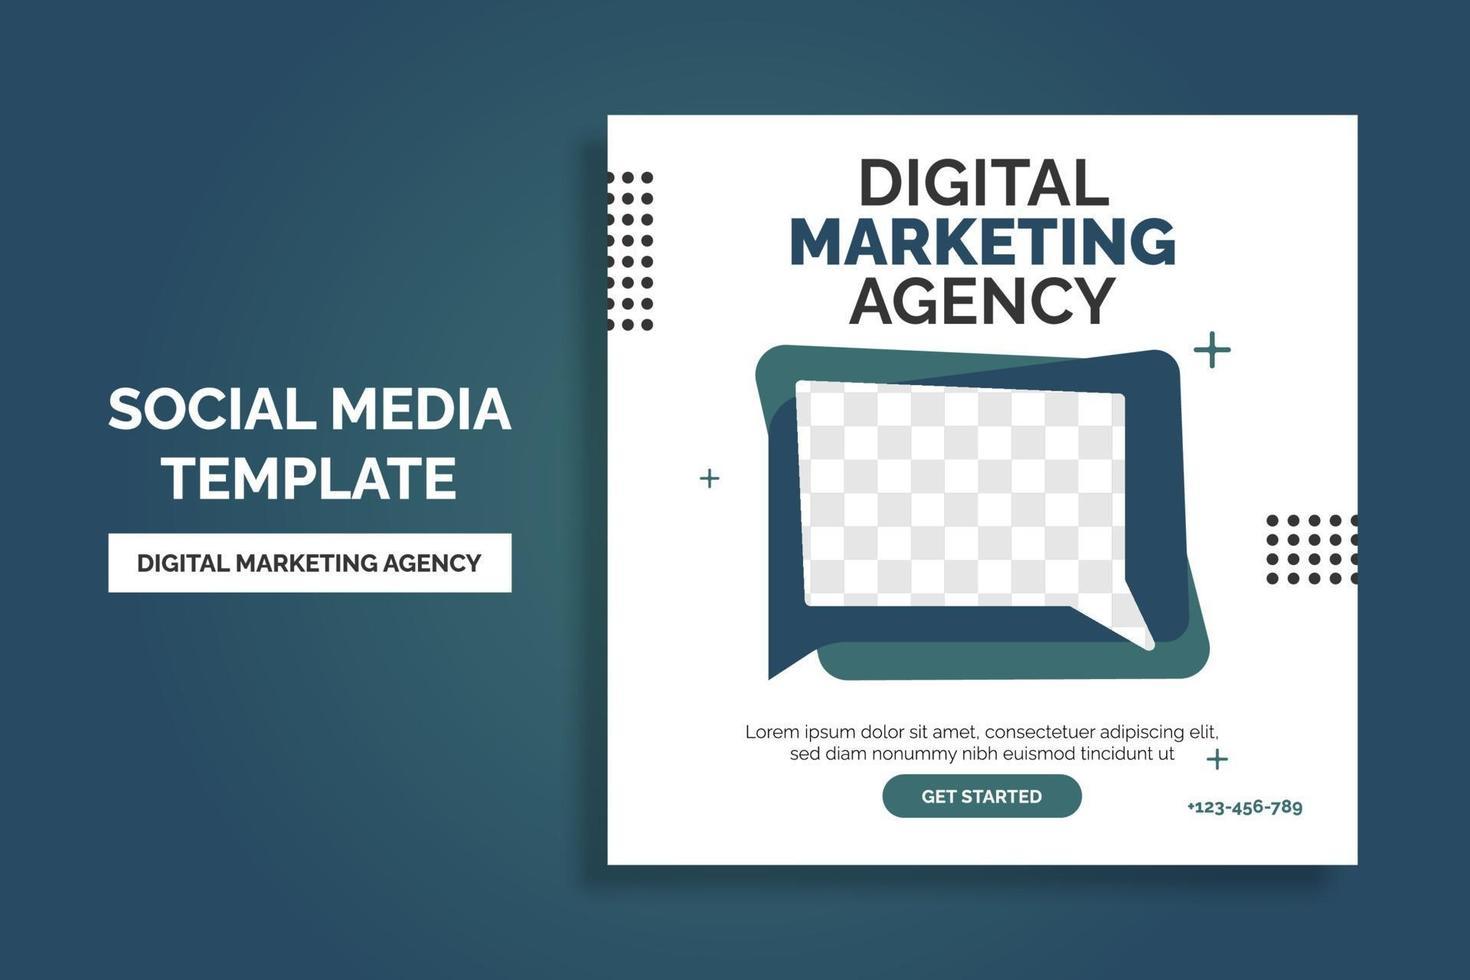 Diseño de plantilla de publicación de redes sociales de agencia de marketing de negocios digitales creativos. promoción de banner. publicidad corporativa vector